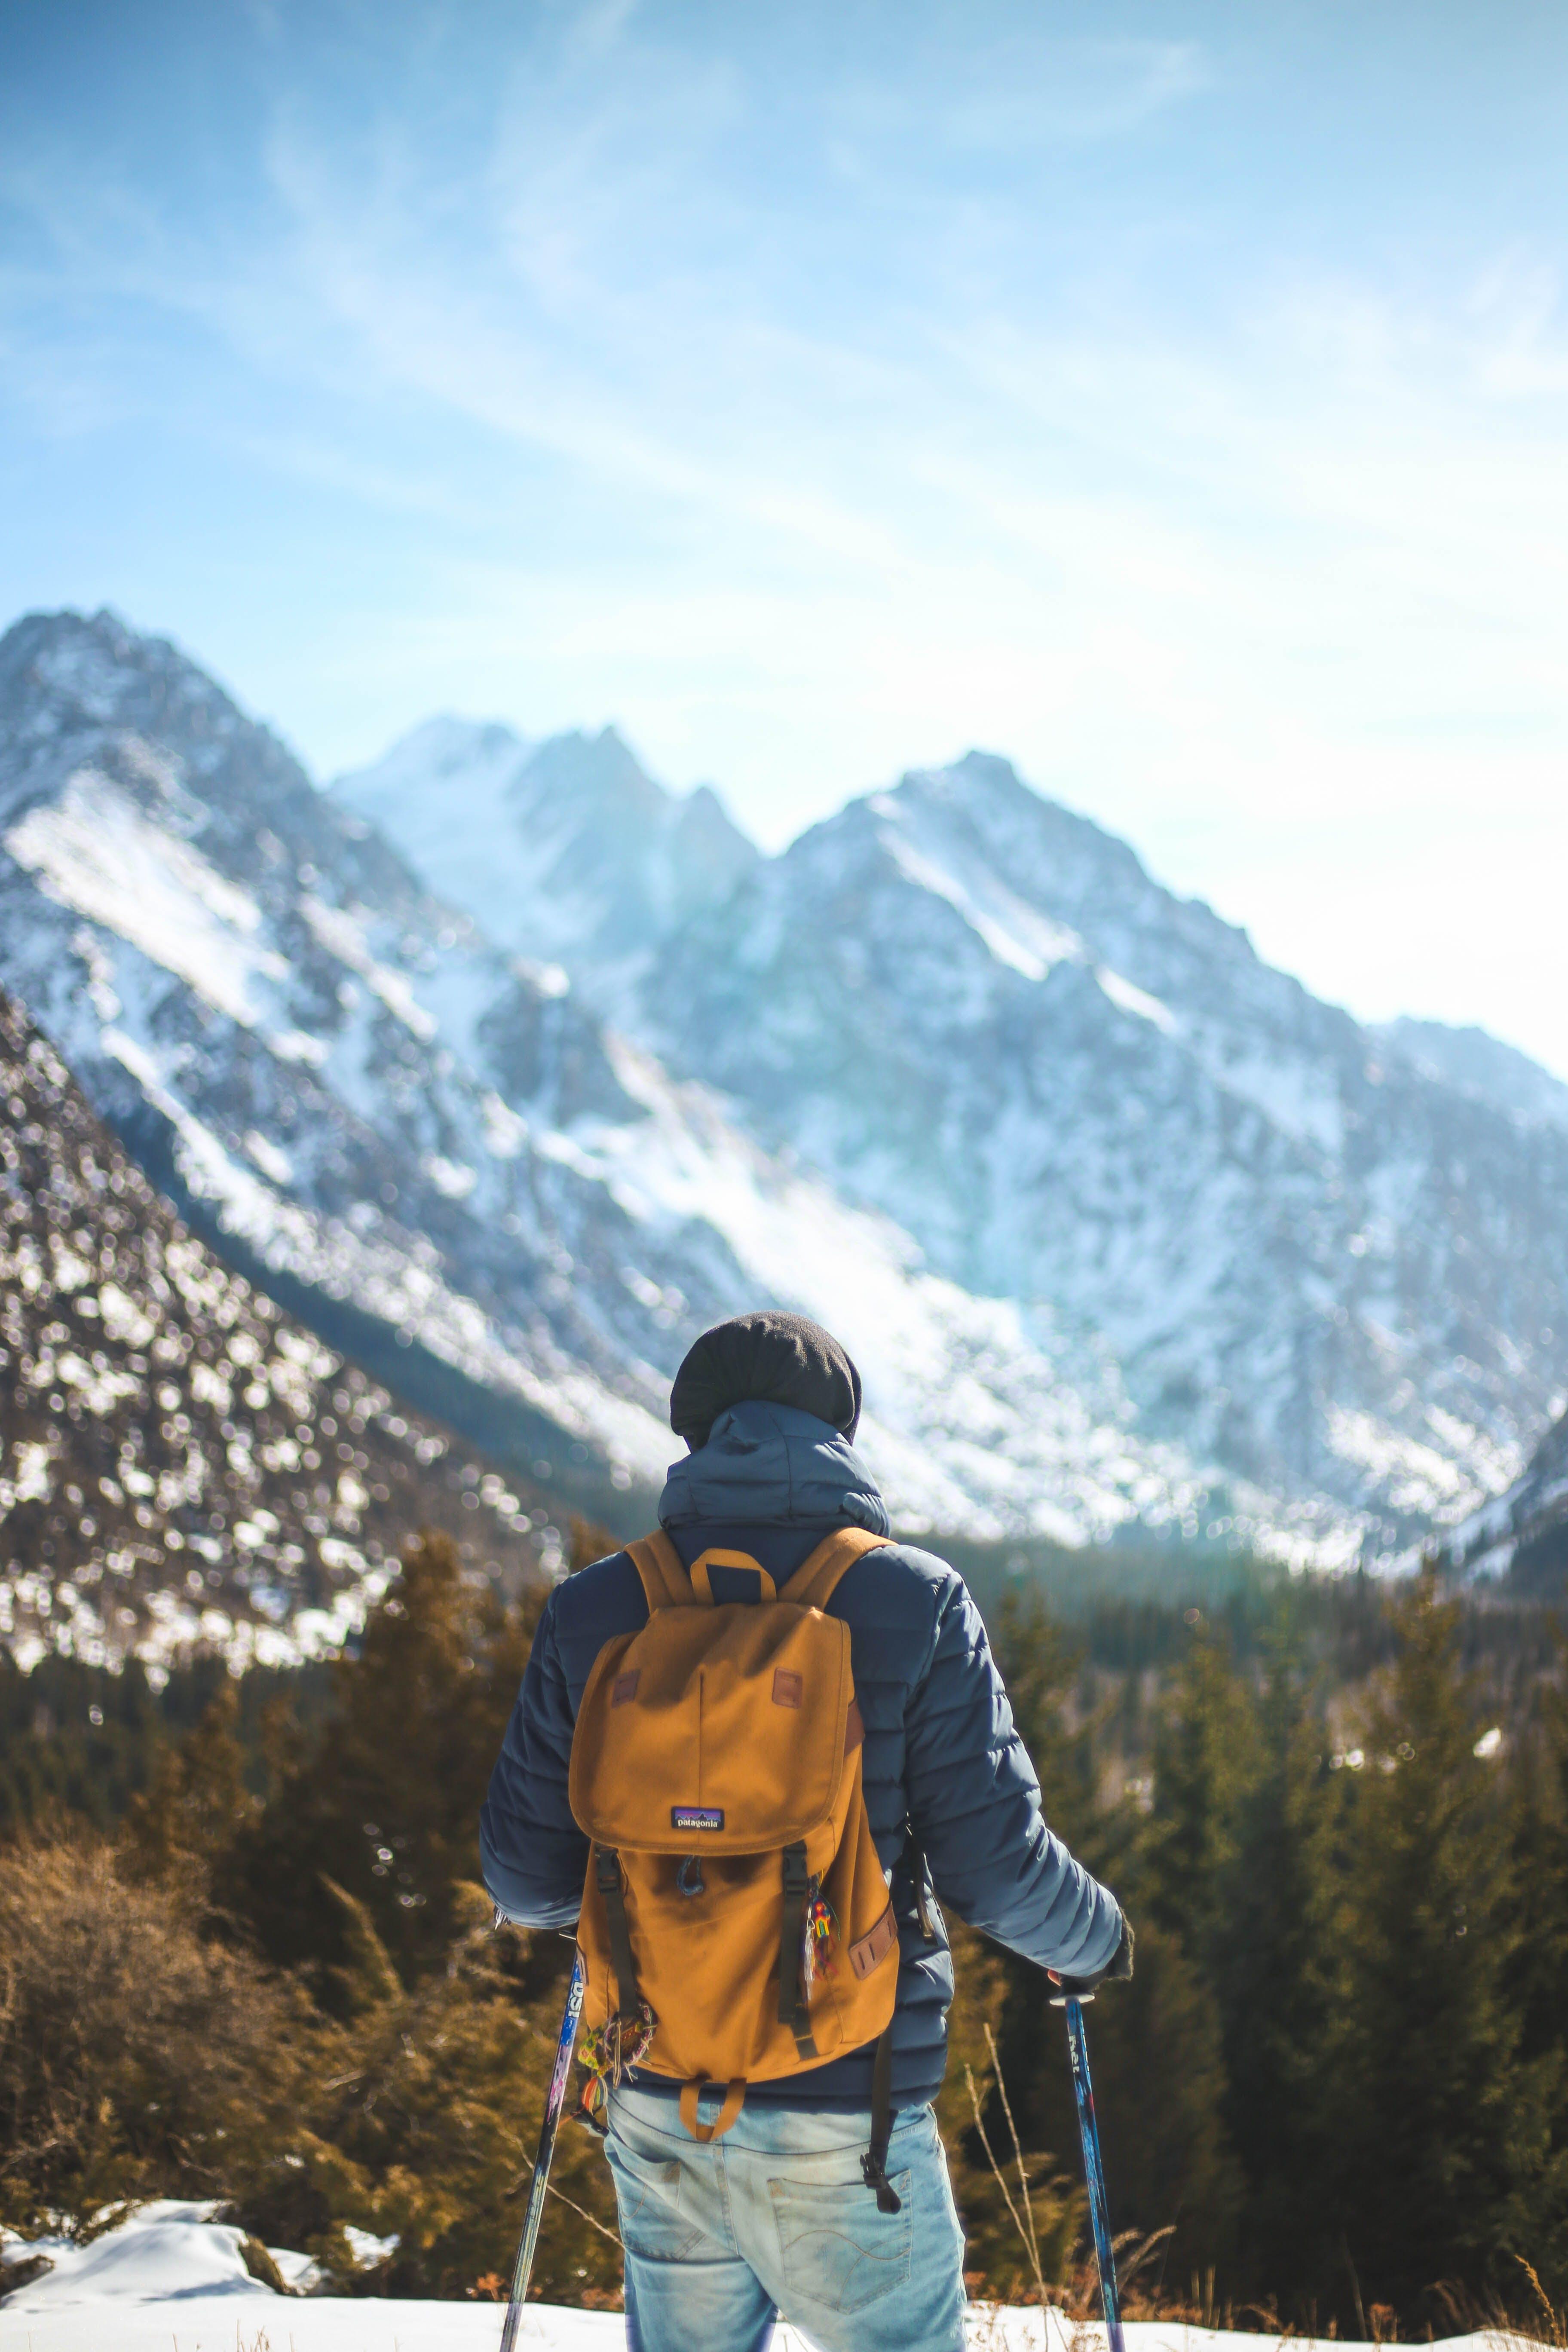 Kostenloses Stock Foto zu schnee, berge, wald, winter